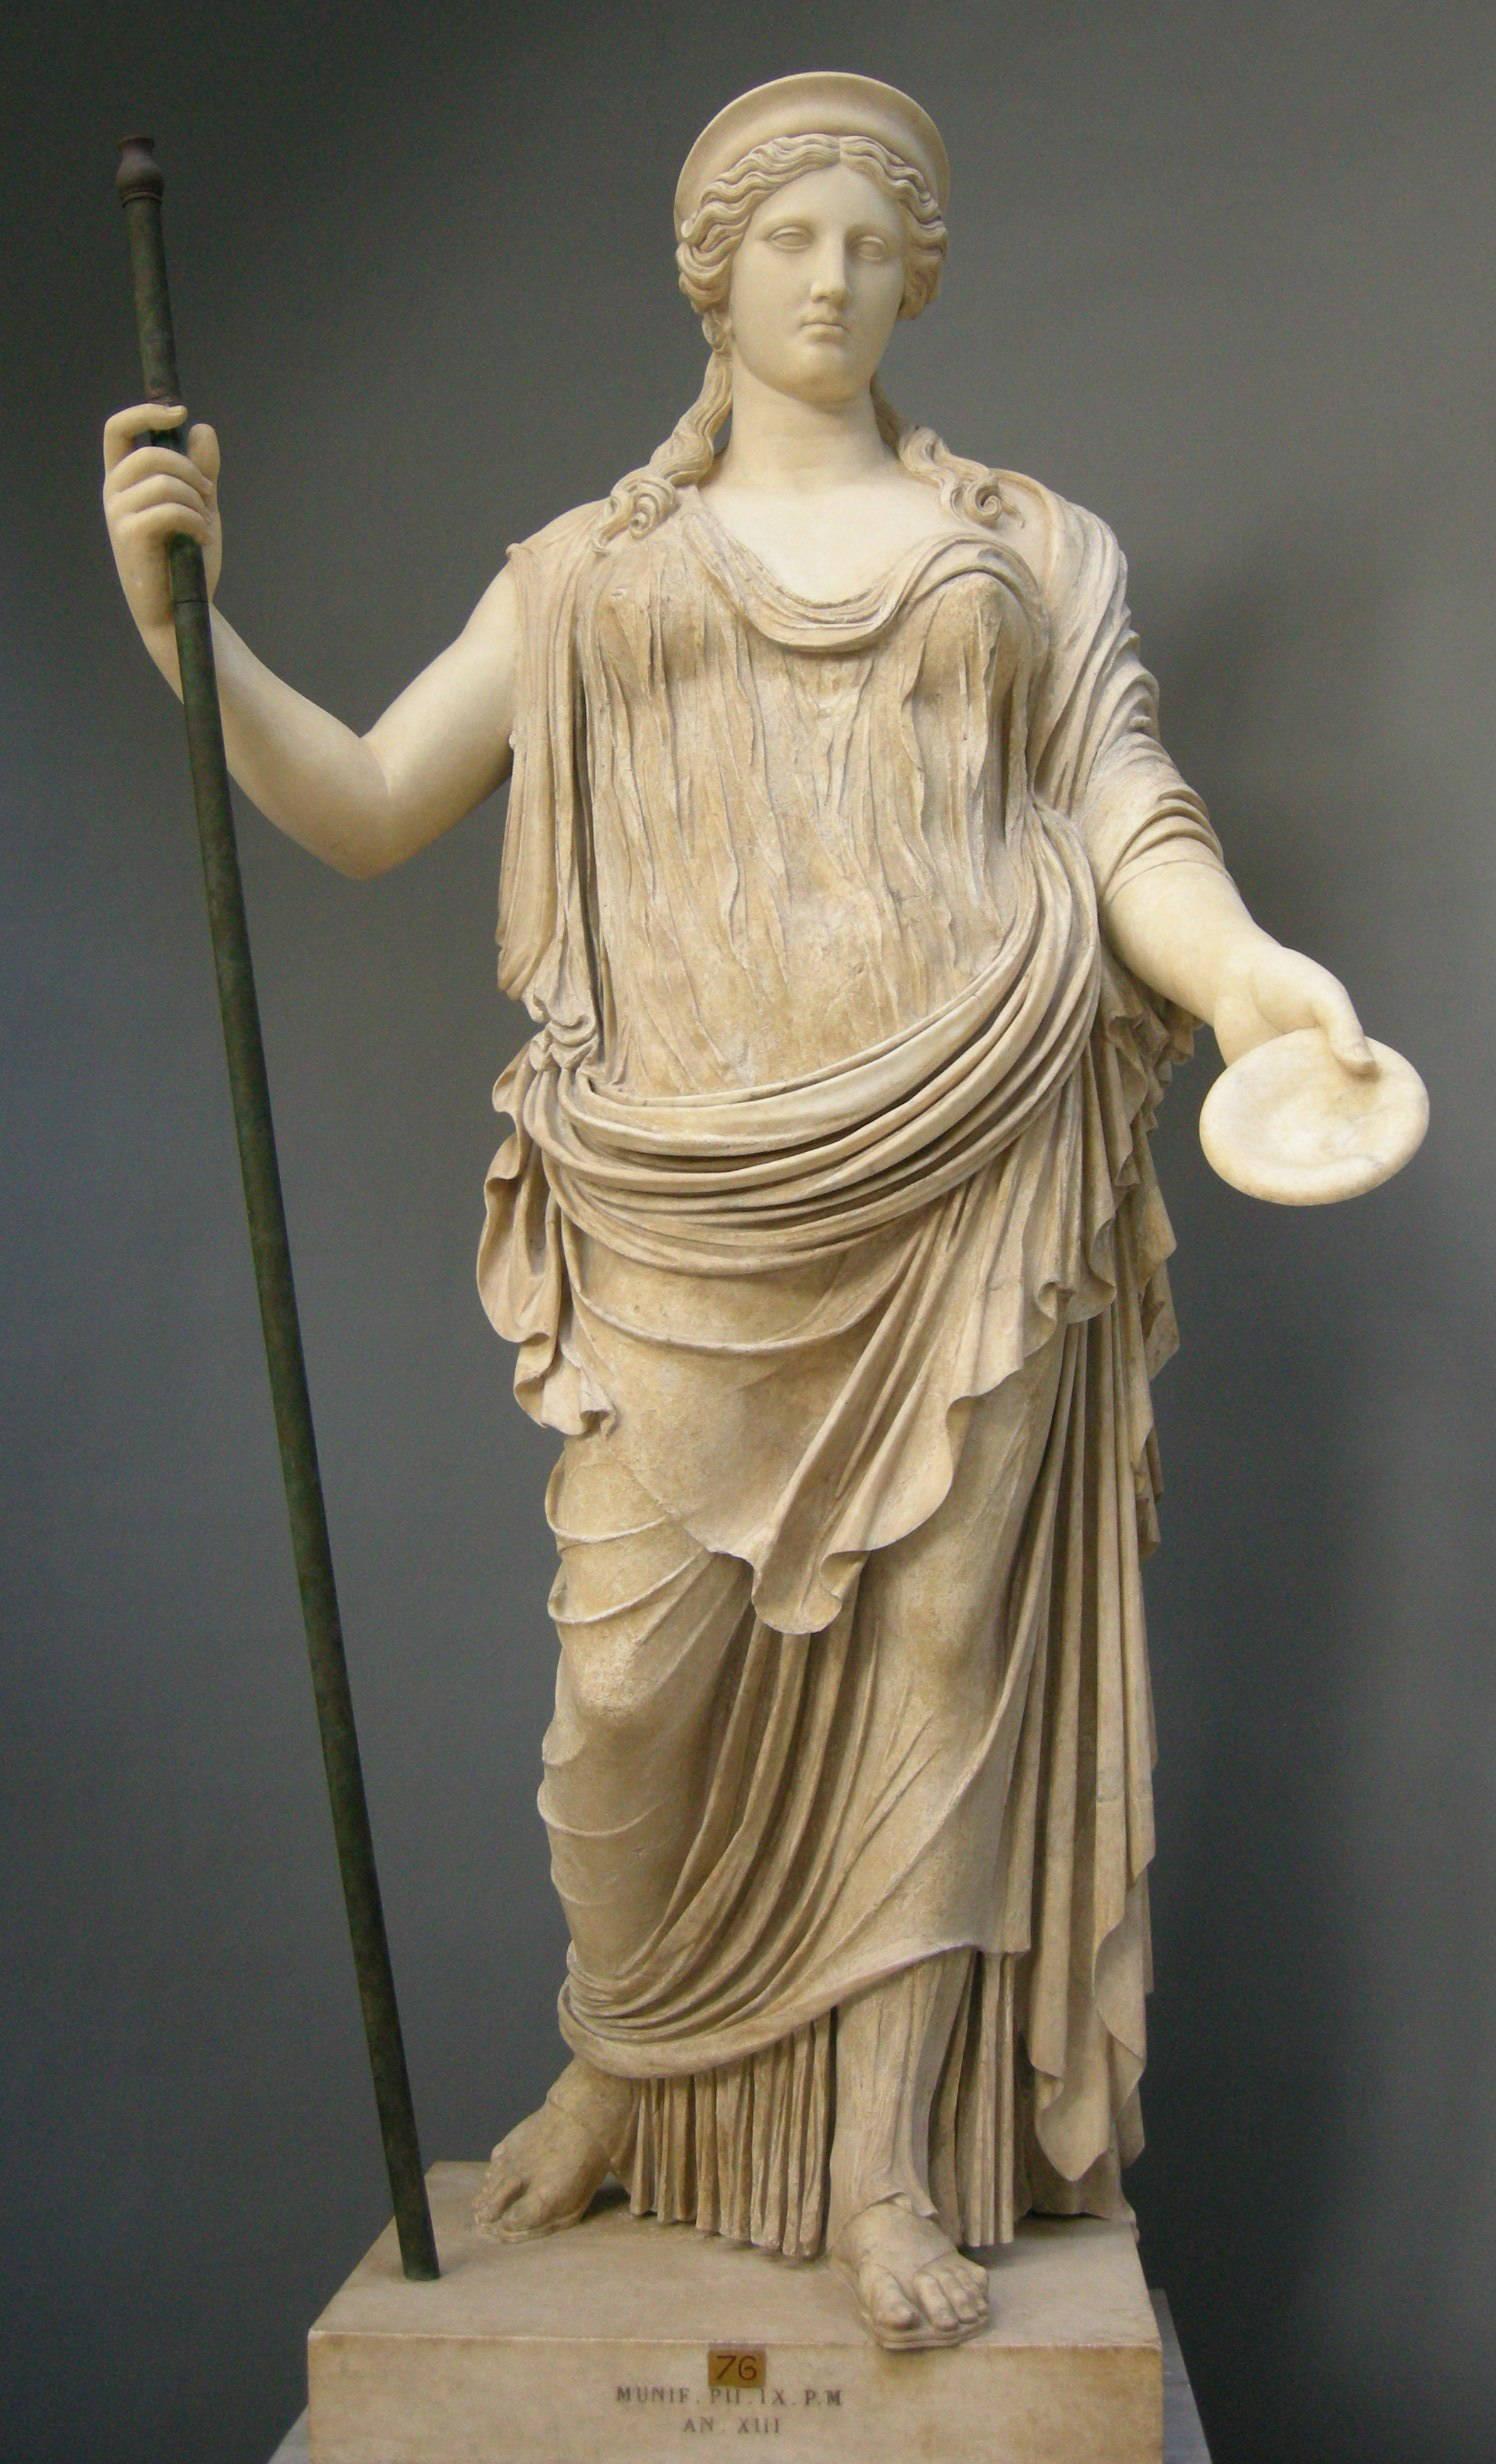 La mujer en los mitos 4